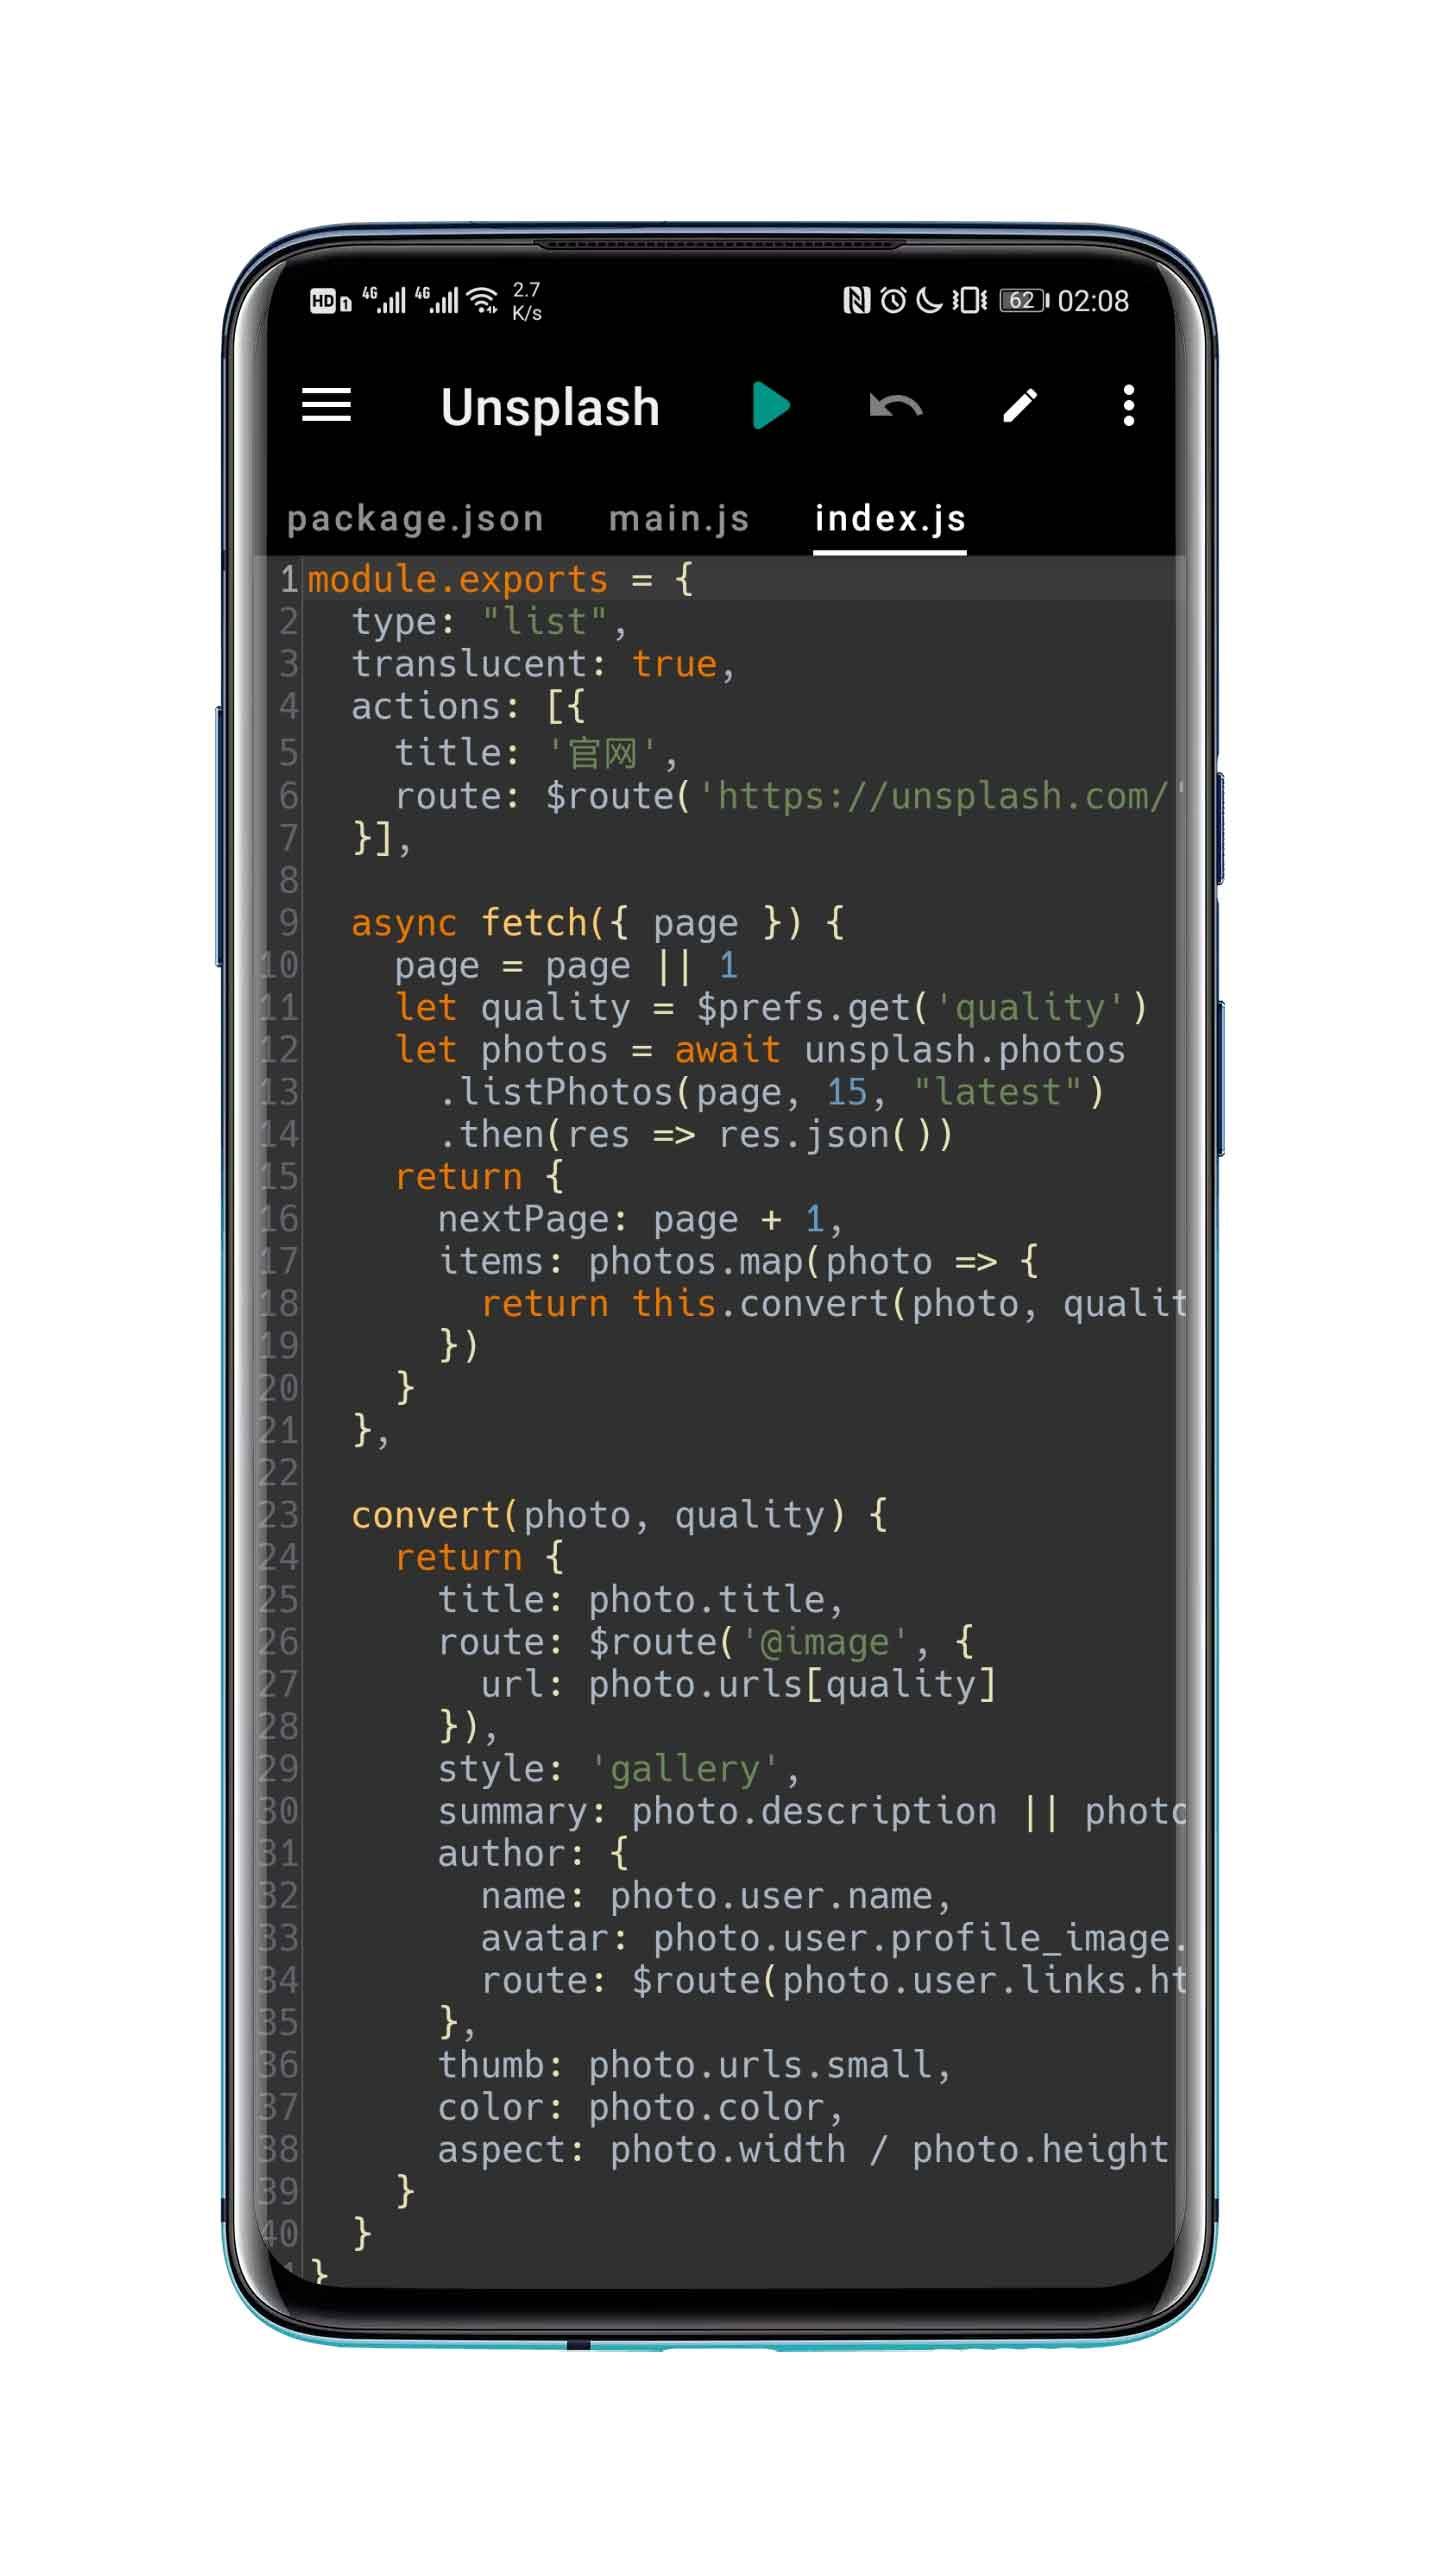 佳构硬件-Dora.js安卓编程必备硬件(1)